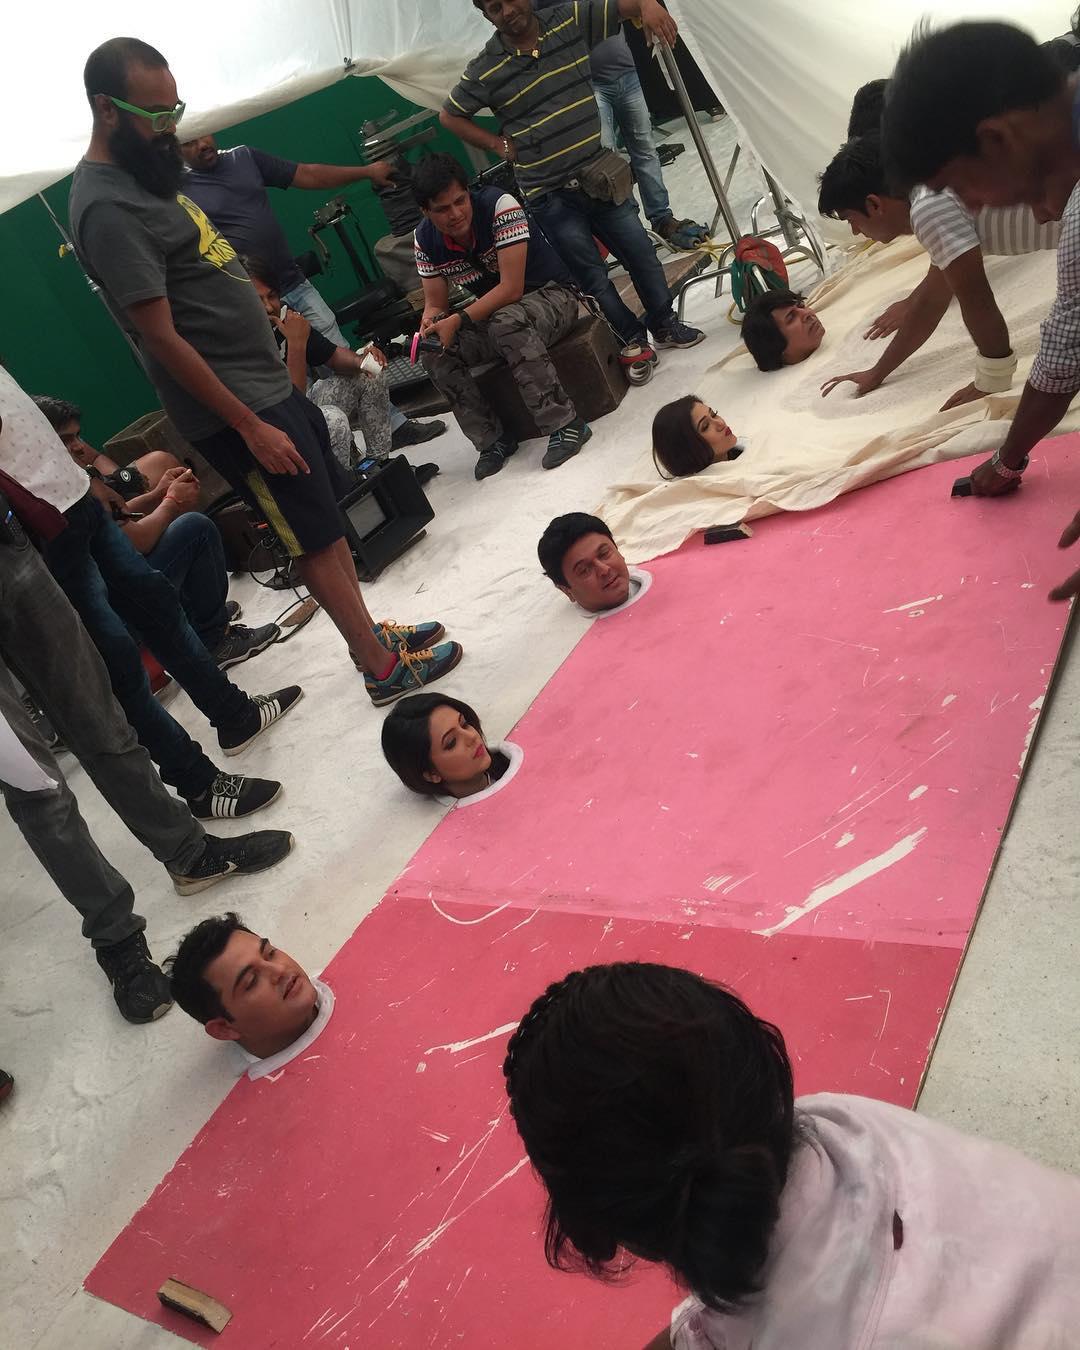 Sugandha Mishra started shooting